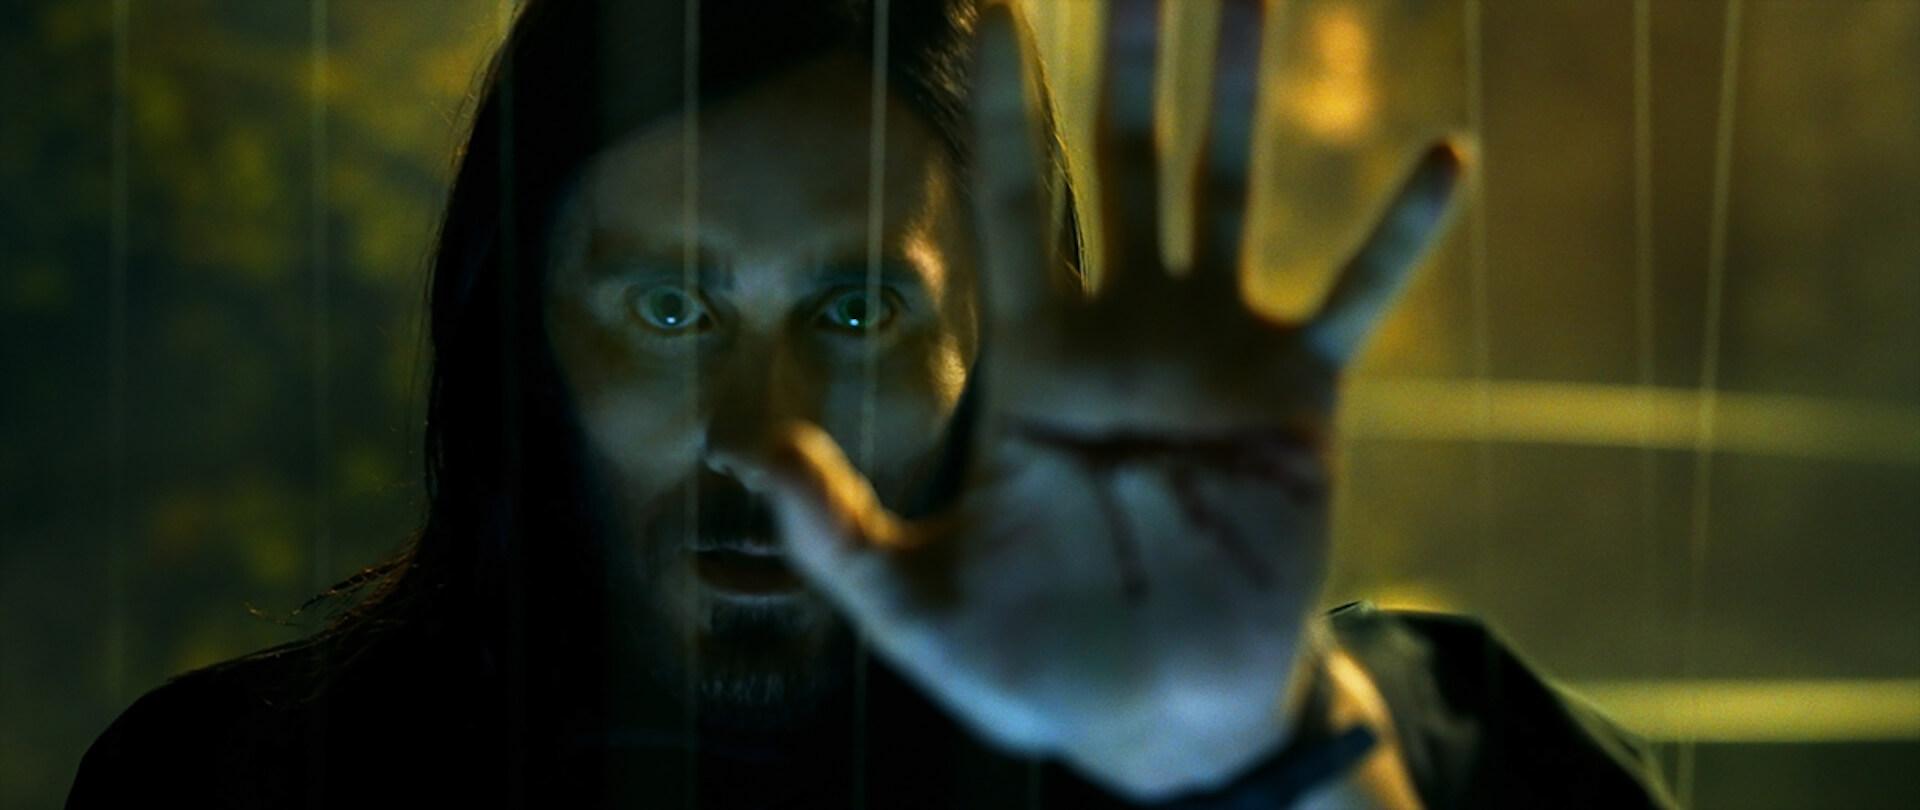 ジャレッド・レト主演『モービウス』の予告編が公開|スパイダーマン登場?マイケル・キートンは再びヴァルチャーに?今後のMCUとクロスオーバーは? film200114-morbius-movie-1